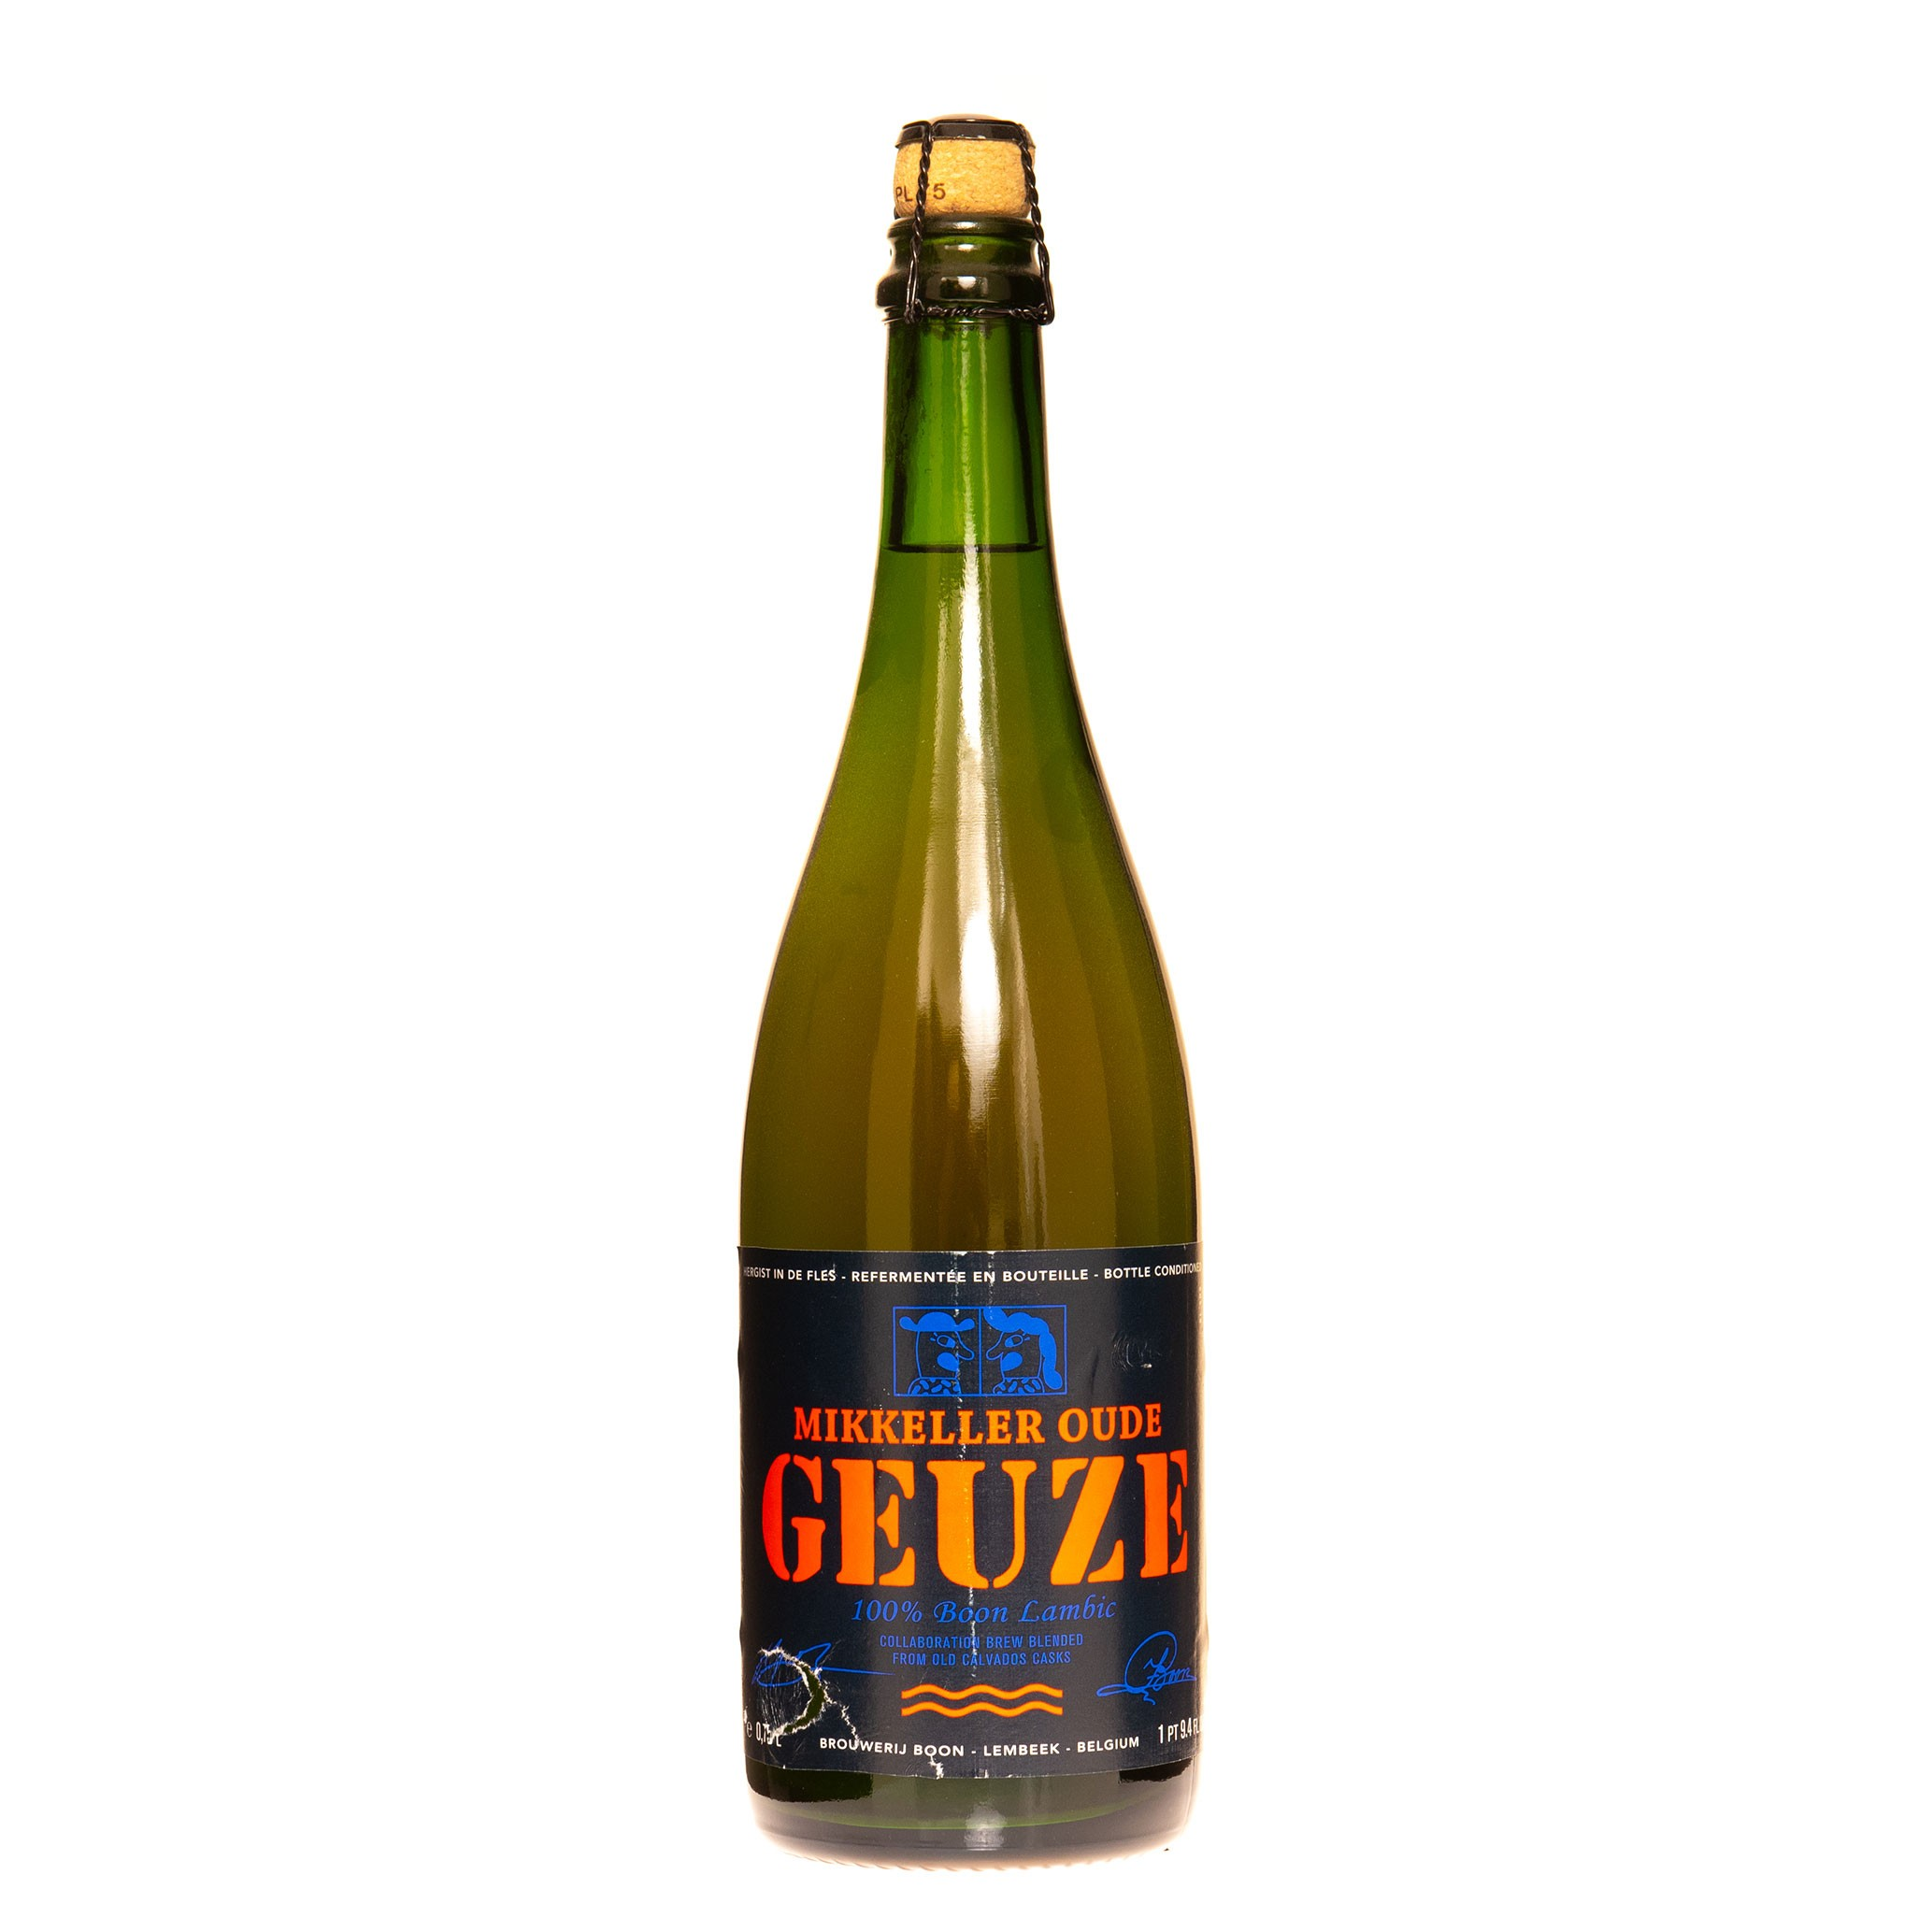 Boon Mikkeller Oude Geuze Calvados